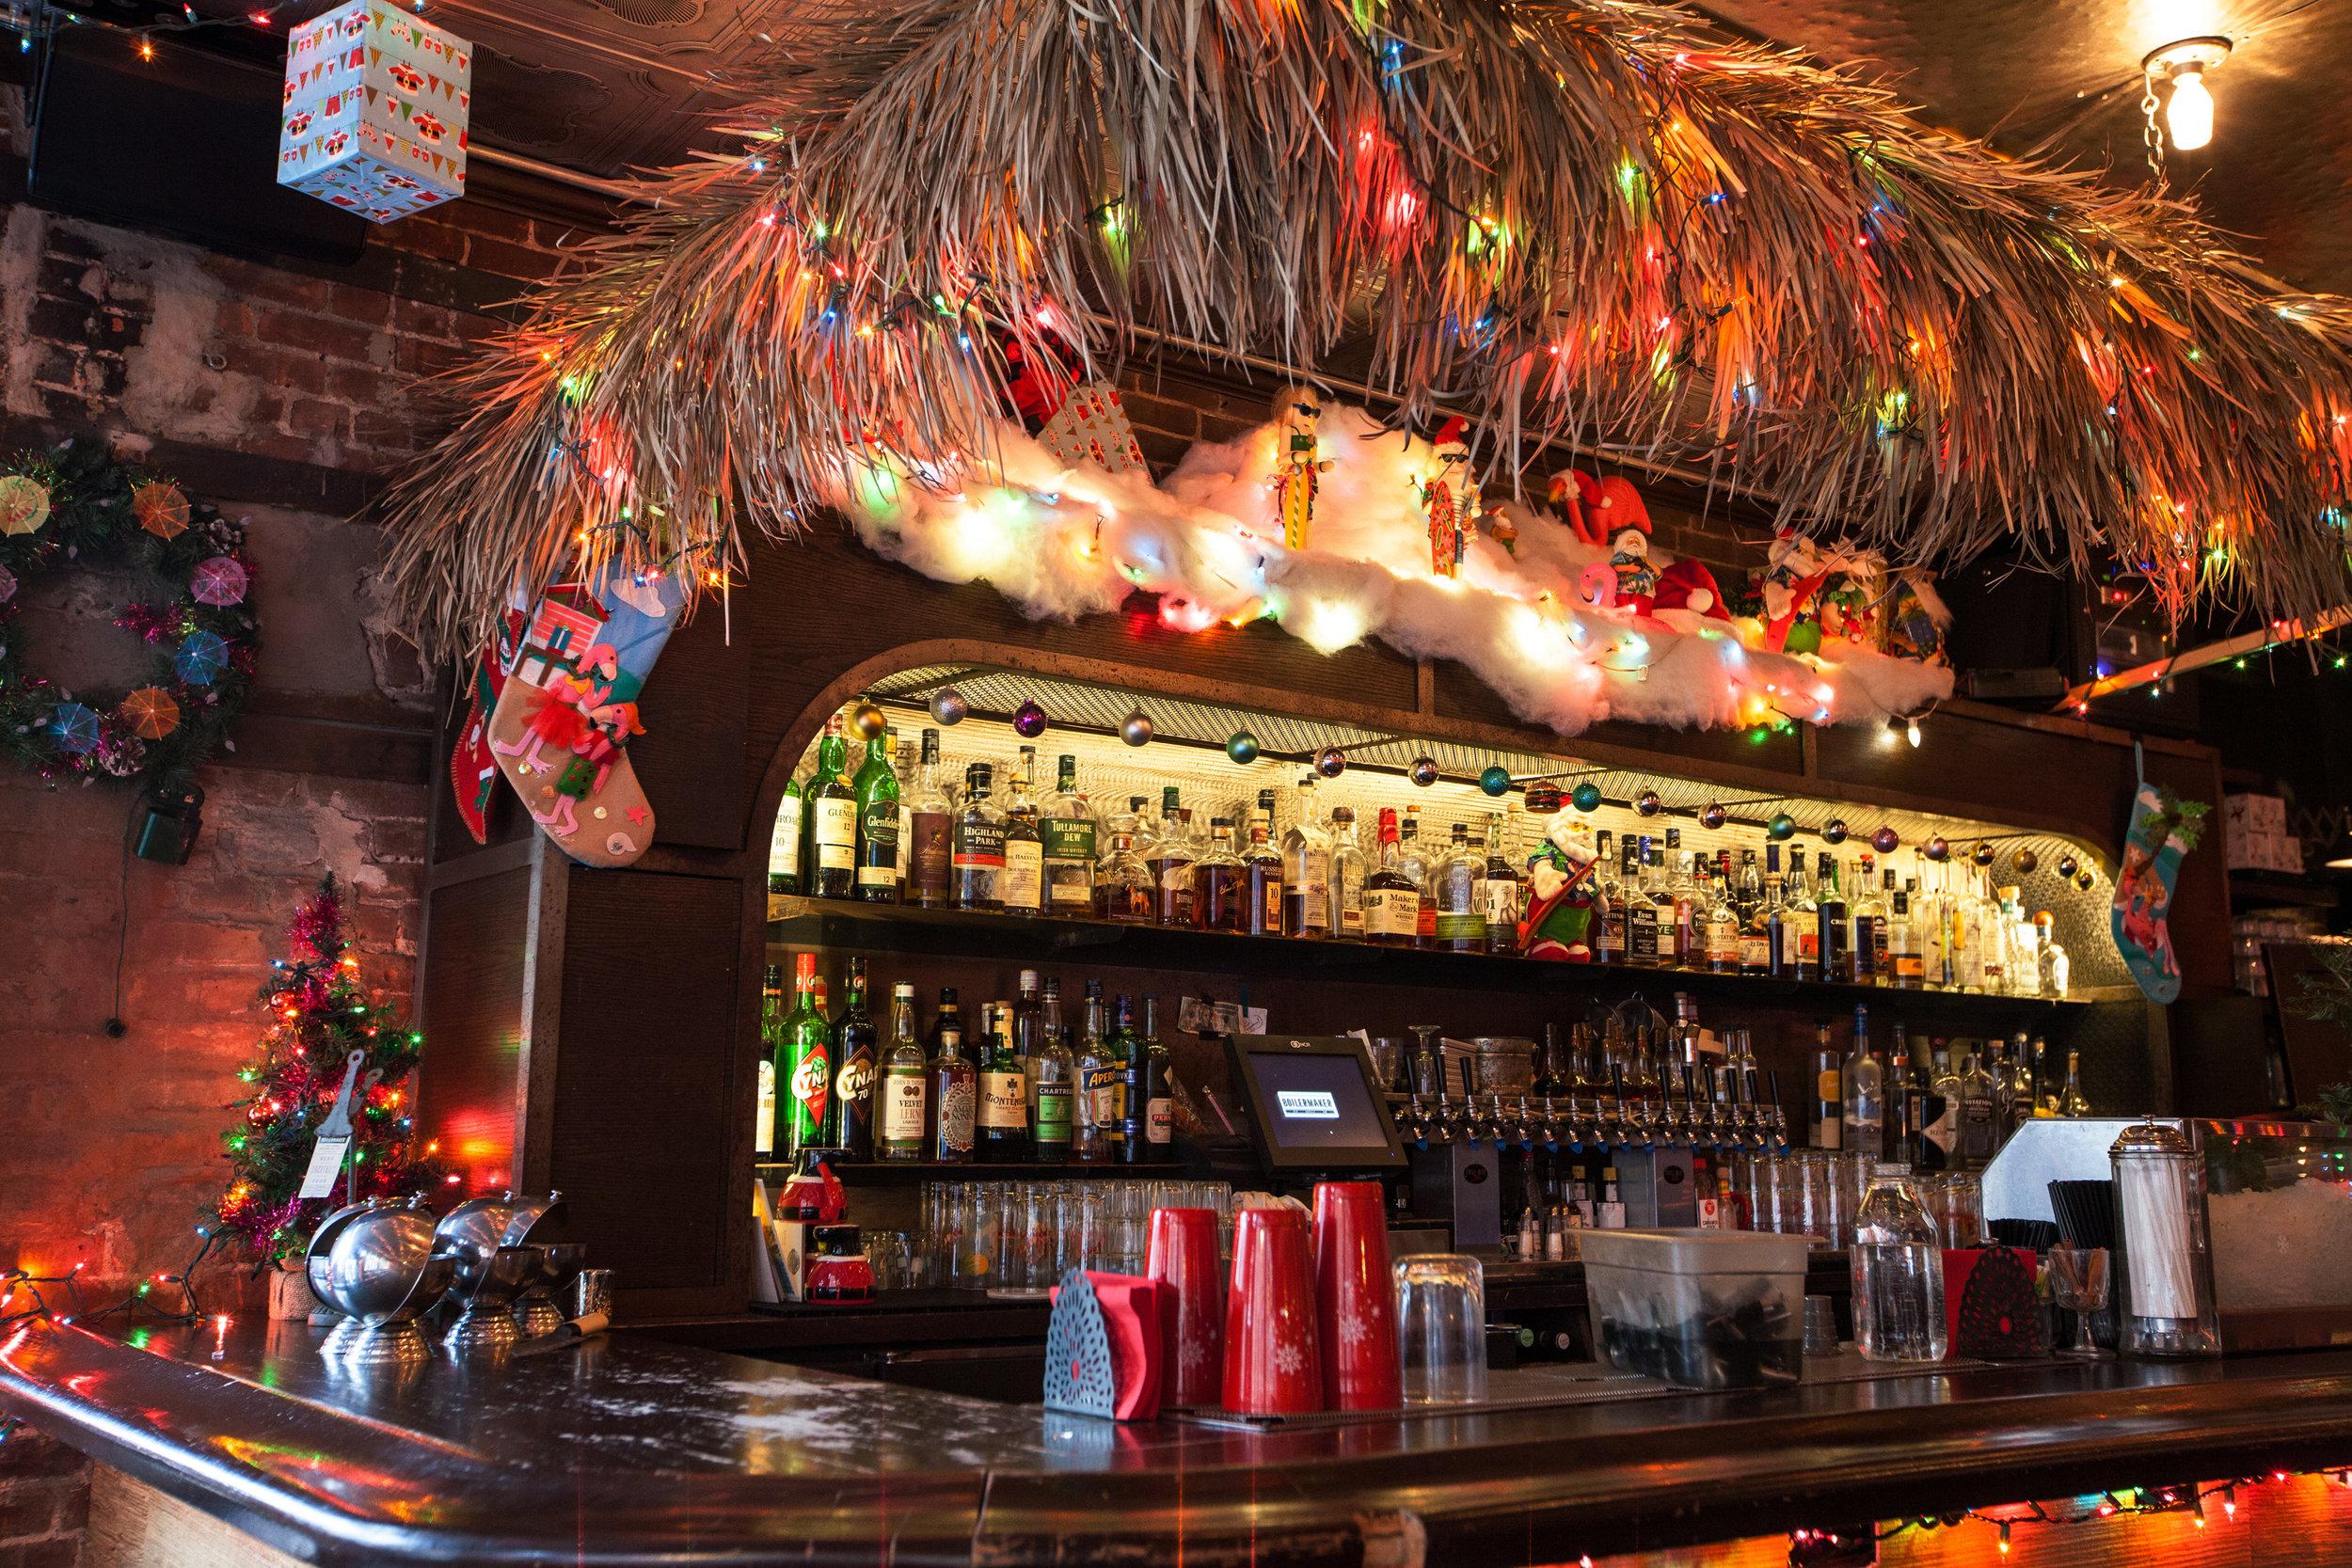 Hawaii popup bar